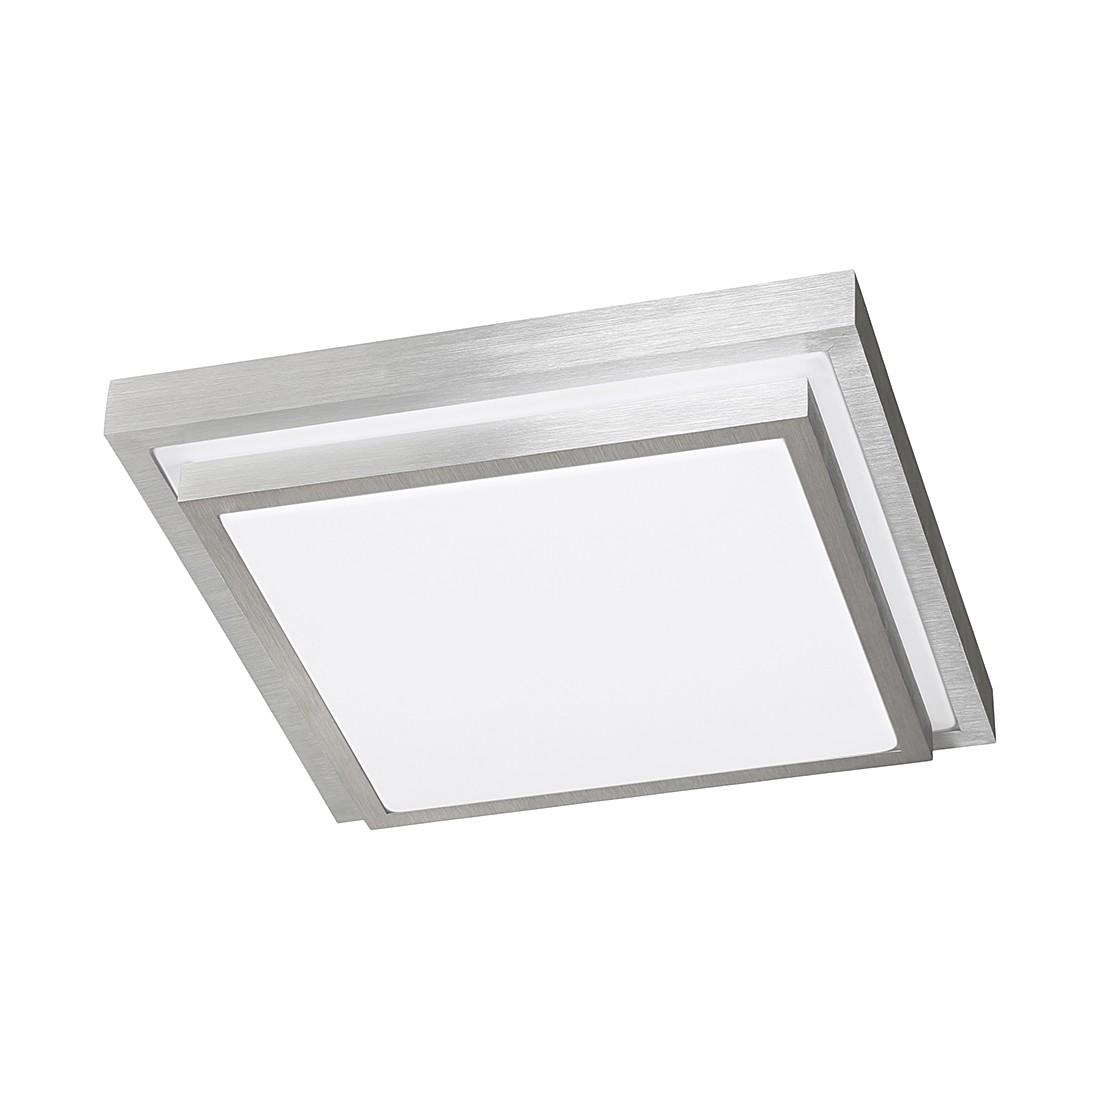 energie A+, Plafondlamp HALDEN metaal-kunststof 1 lichtbron, Action